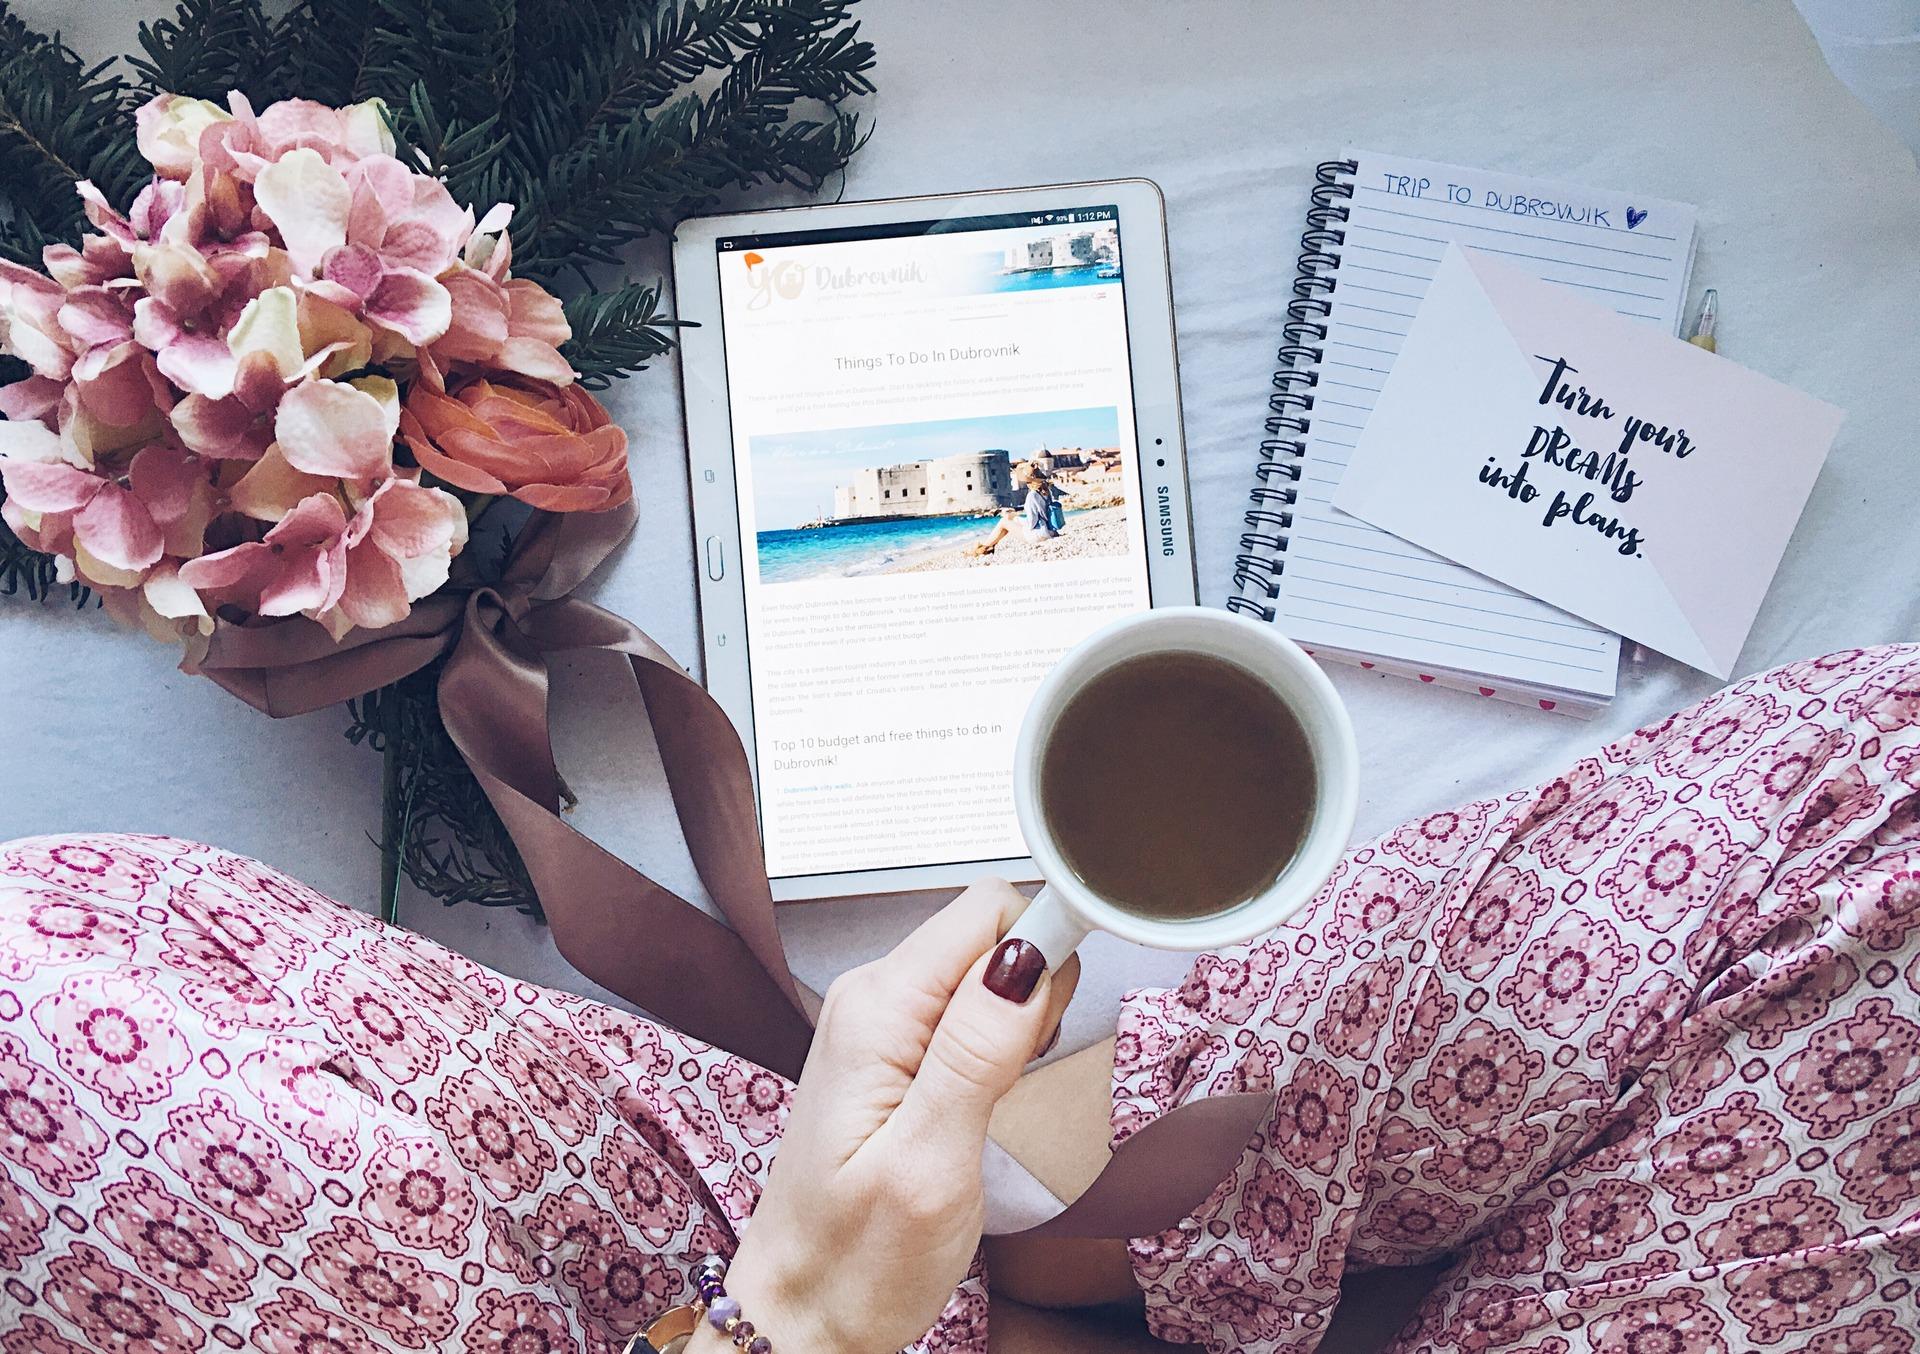 Petra Skitnica GoDubrovnik Instagram Influencer Petra Skitnica Travel Blogger